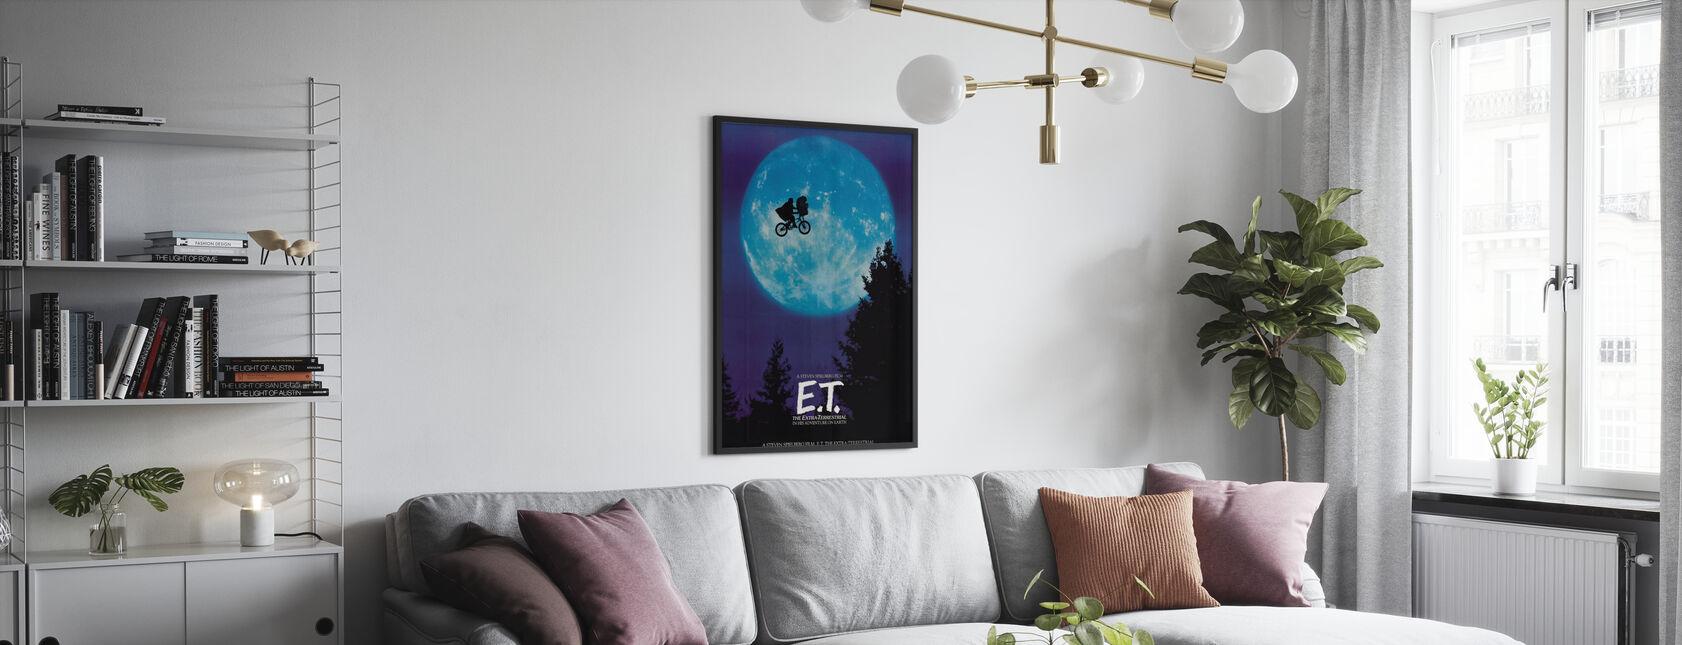 E T - Plakat - Stue